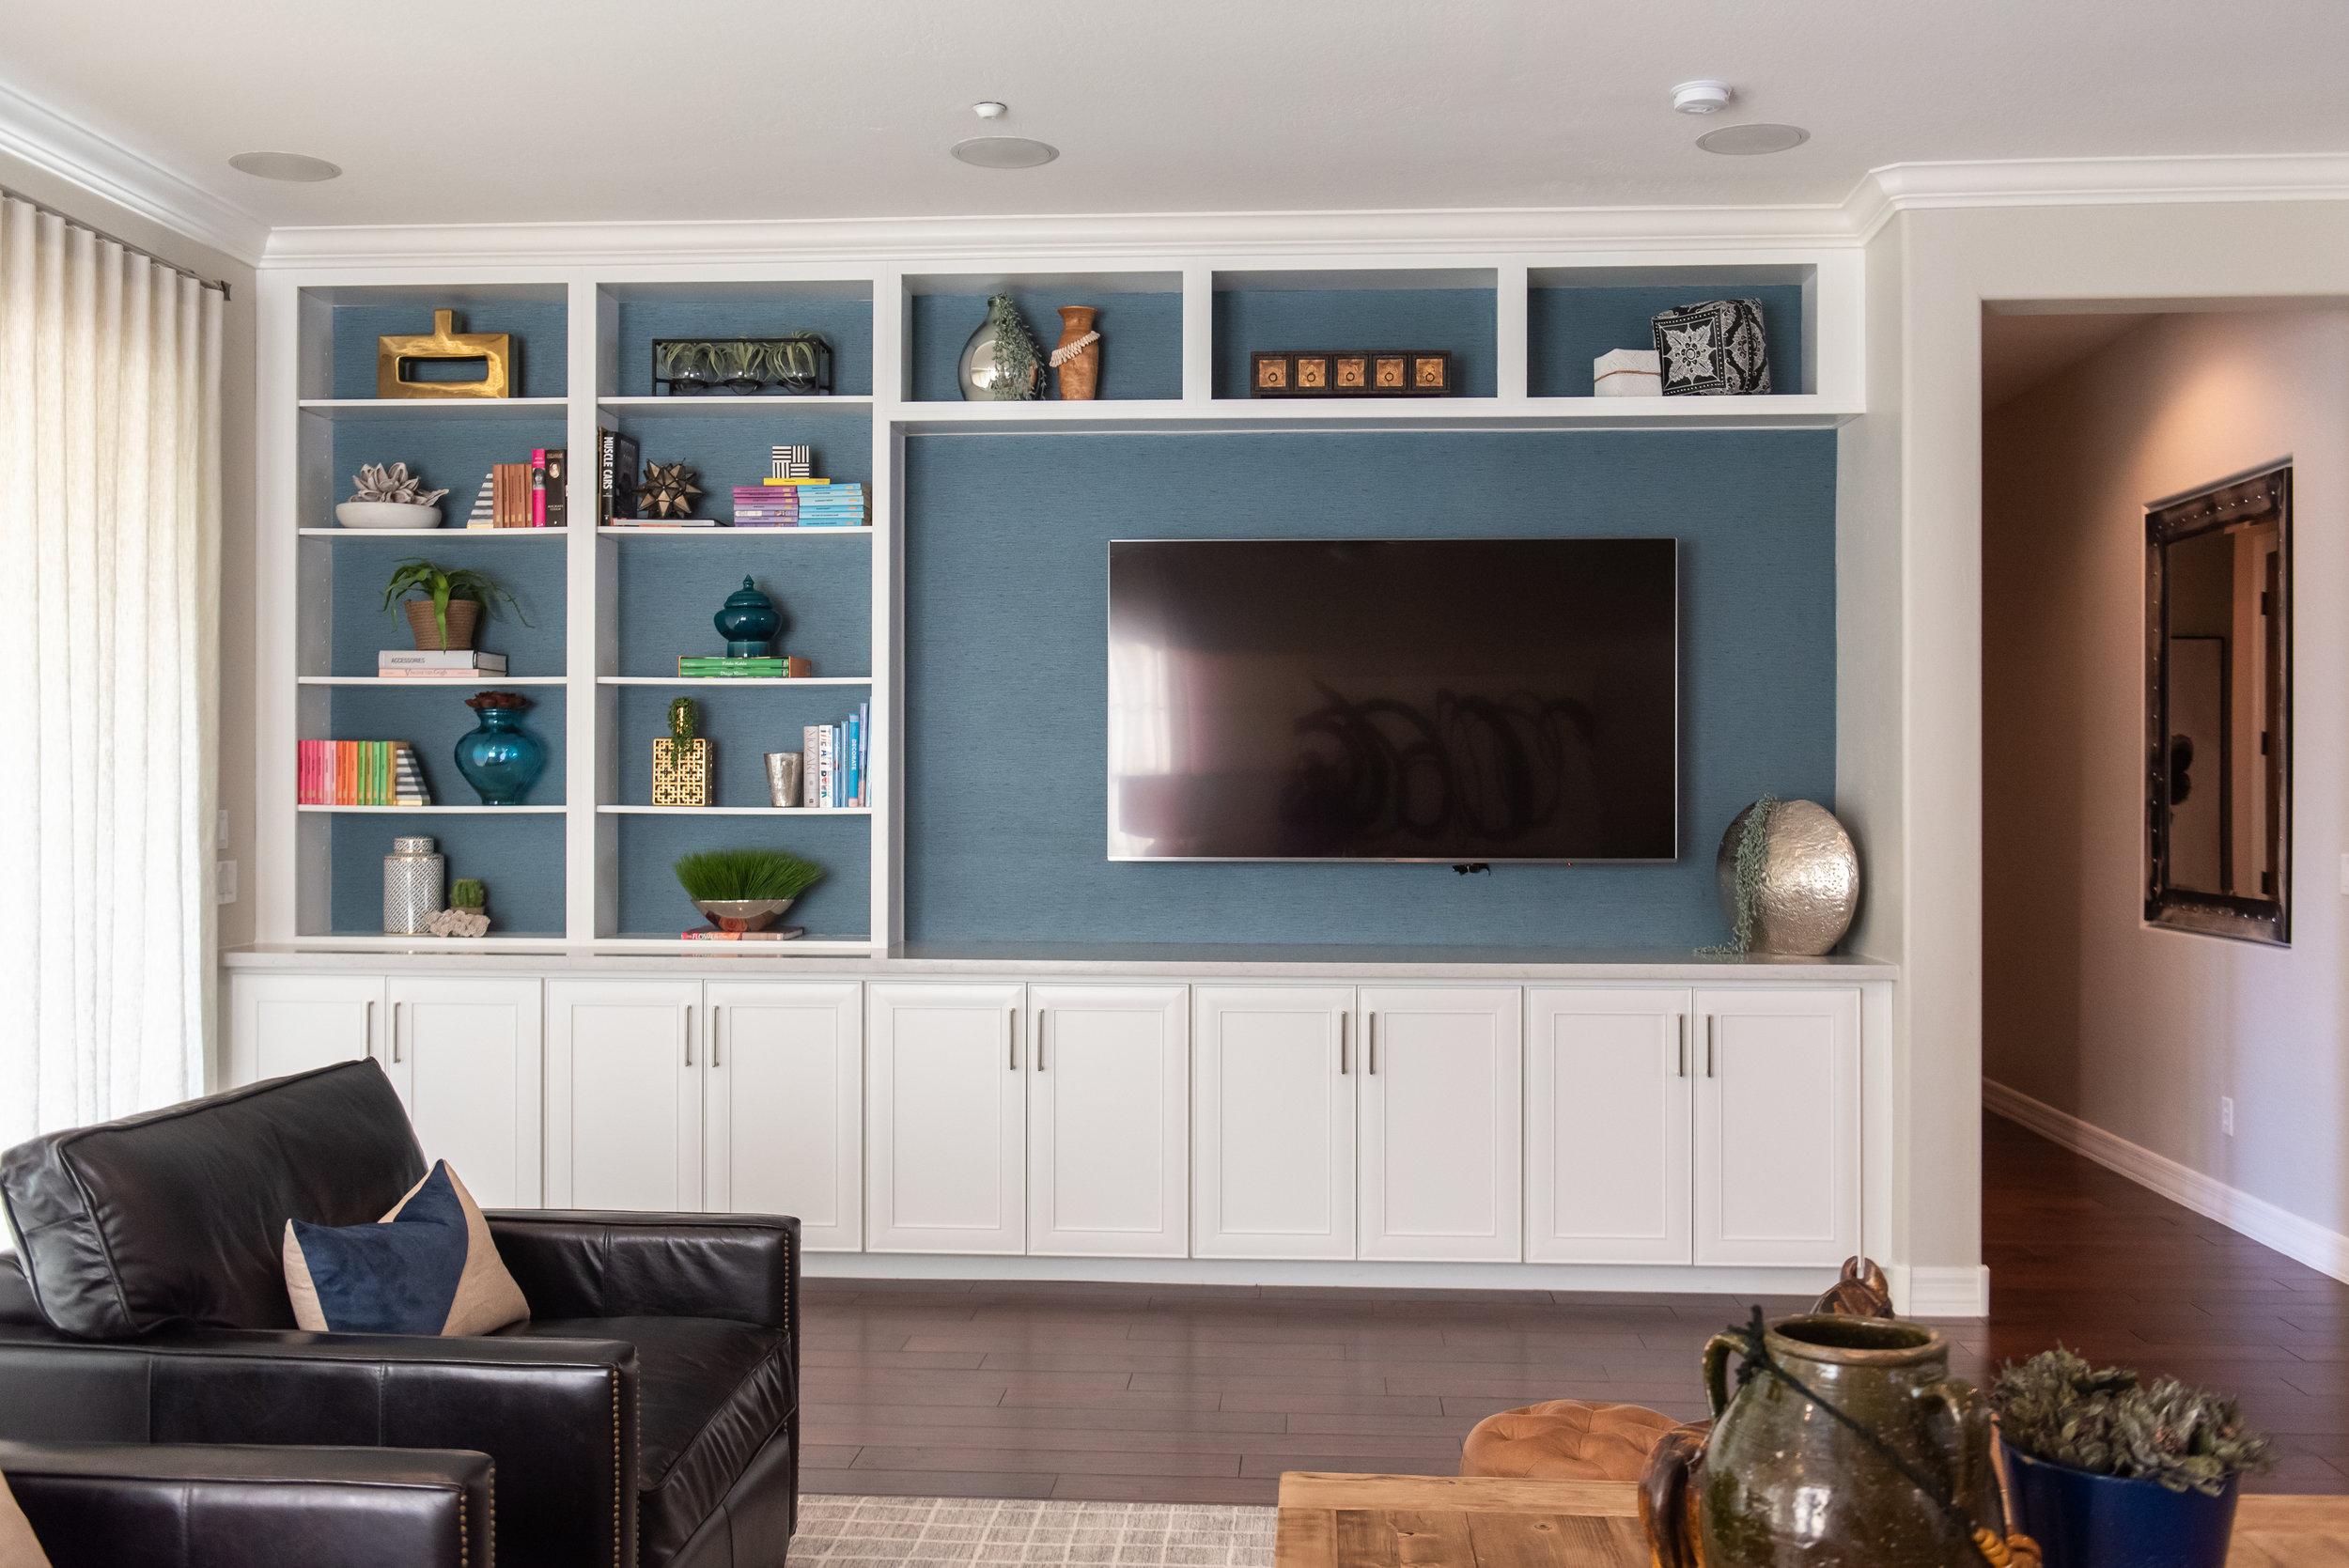 Family+room++built-ins++mediawall++grasscloth++wallpaper++vase++books-1.jpg